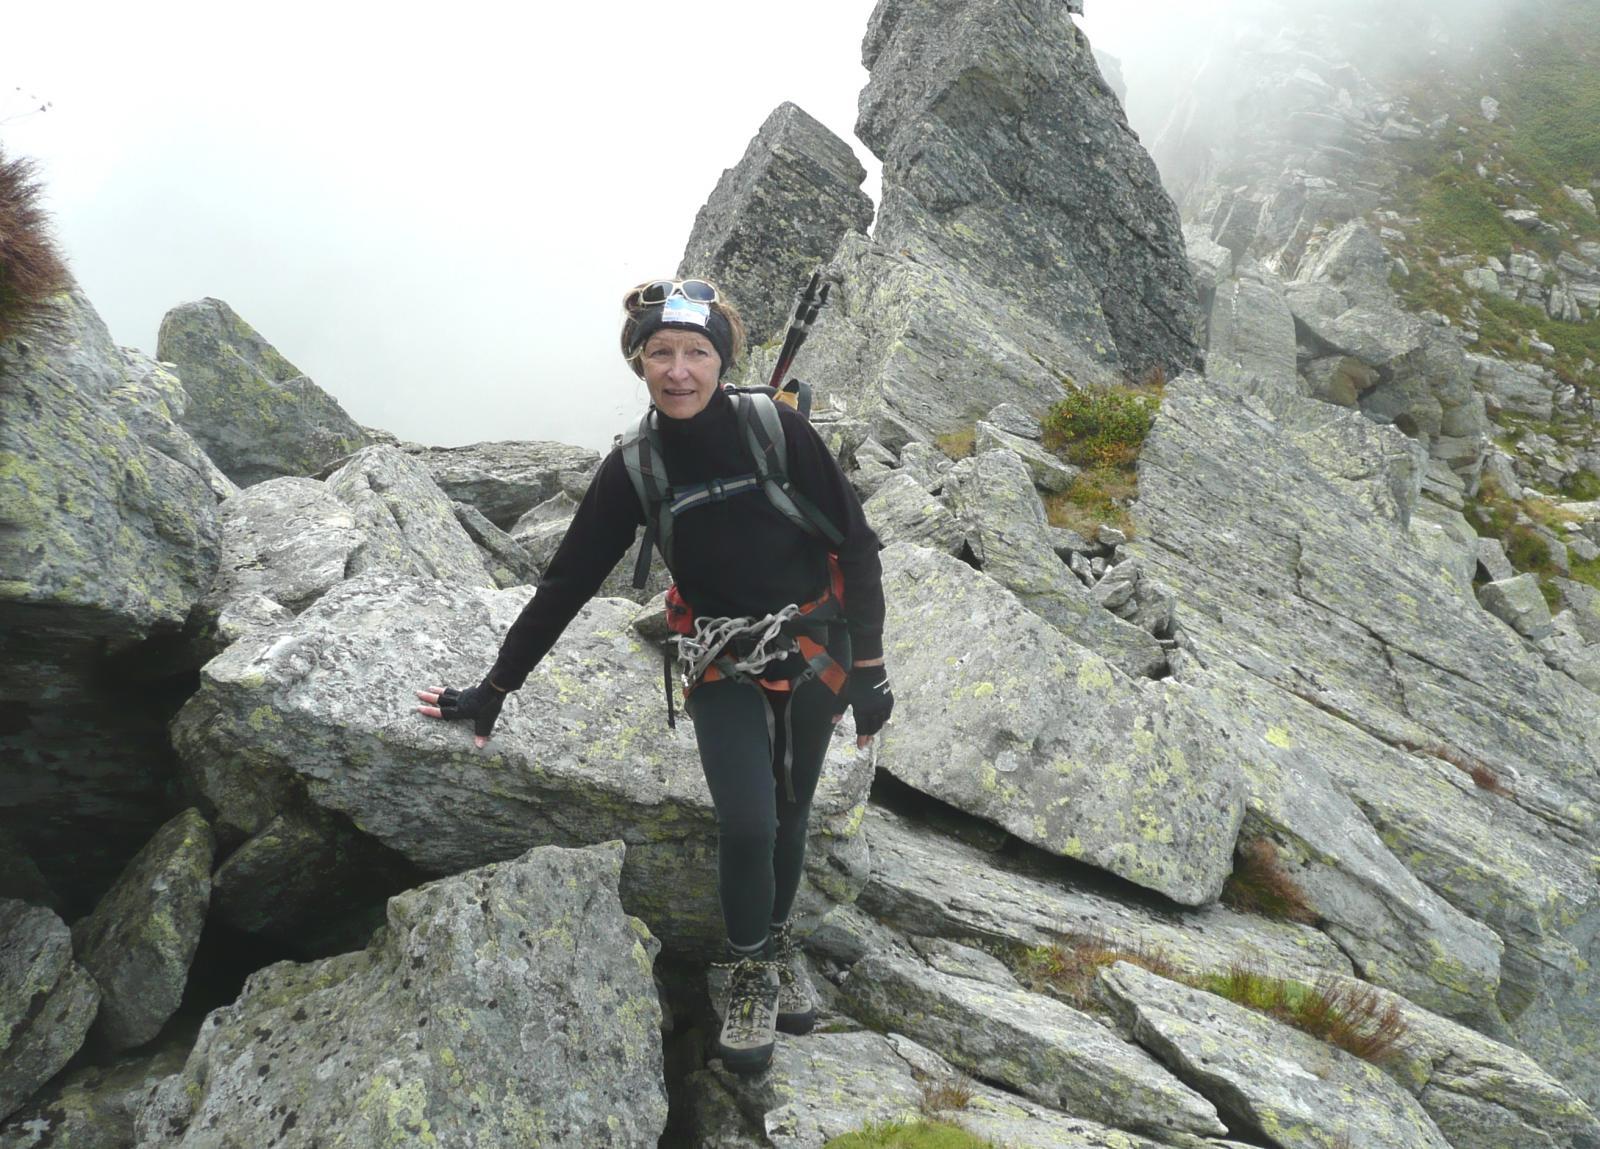 Germana, già in tenuta alpinistica all'inizio della traversata